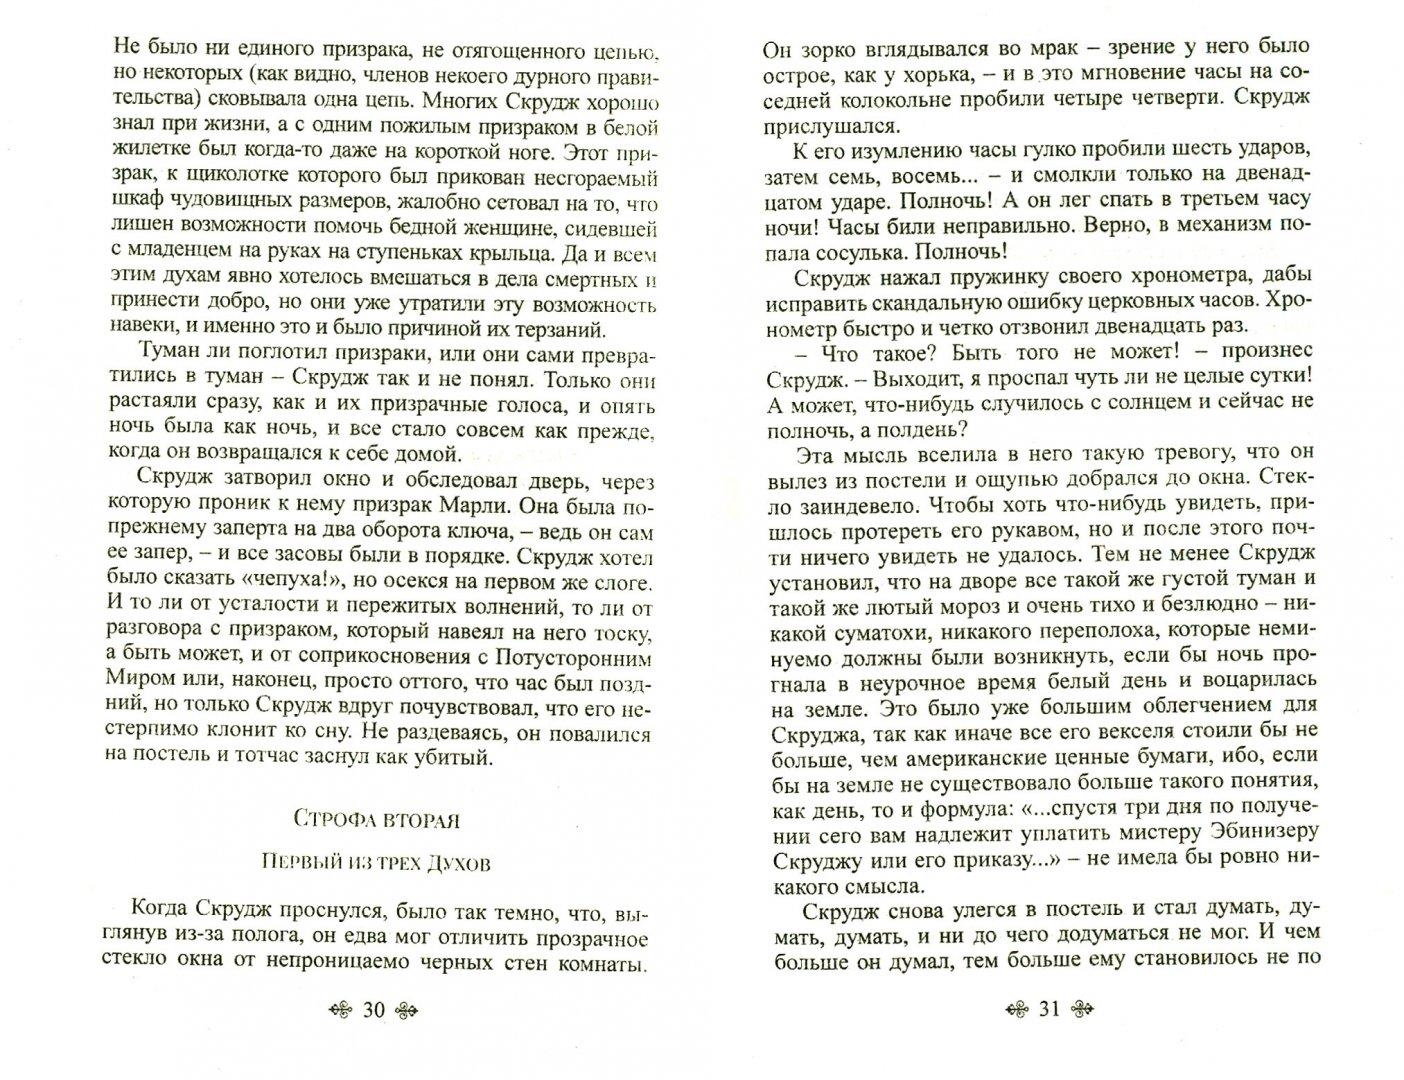 Иллюстрация 1 из 14 для Рождественские повести - Чарльз Диккенс | Лабиринт - книги. Источник: Лабиринт